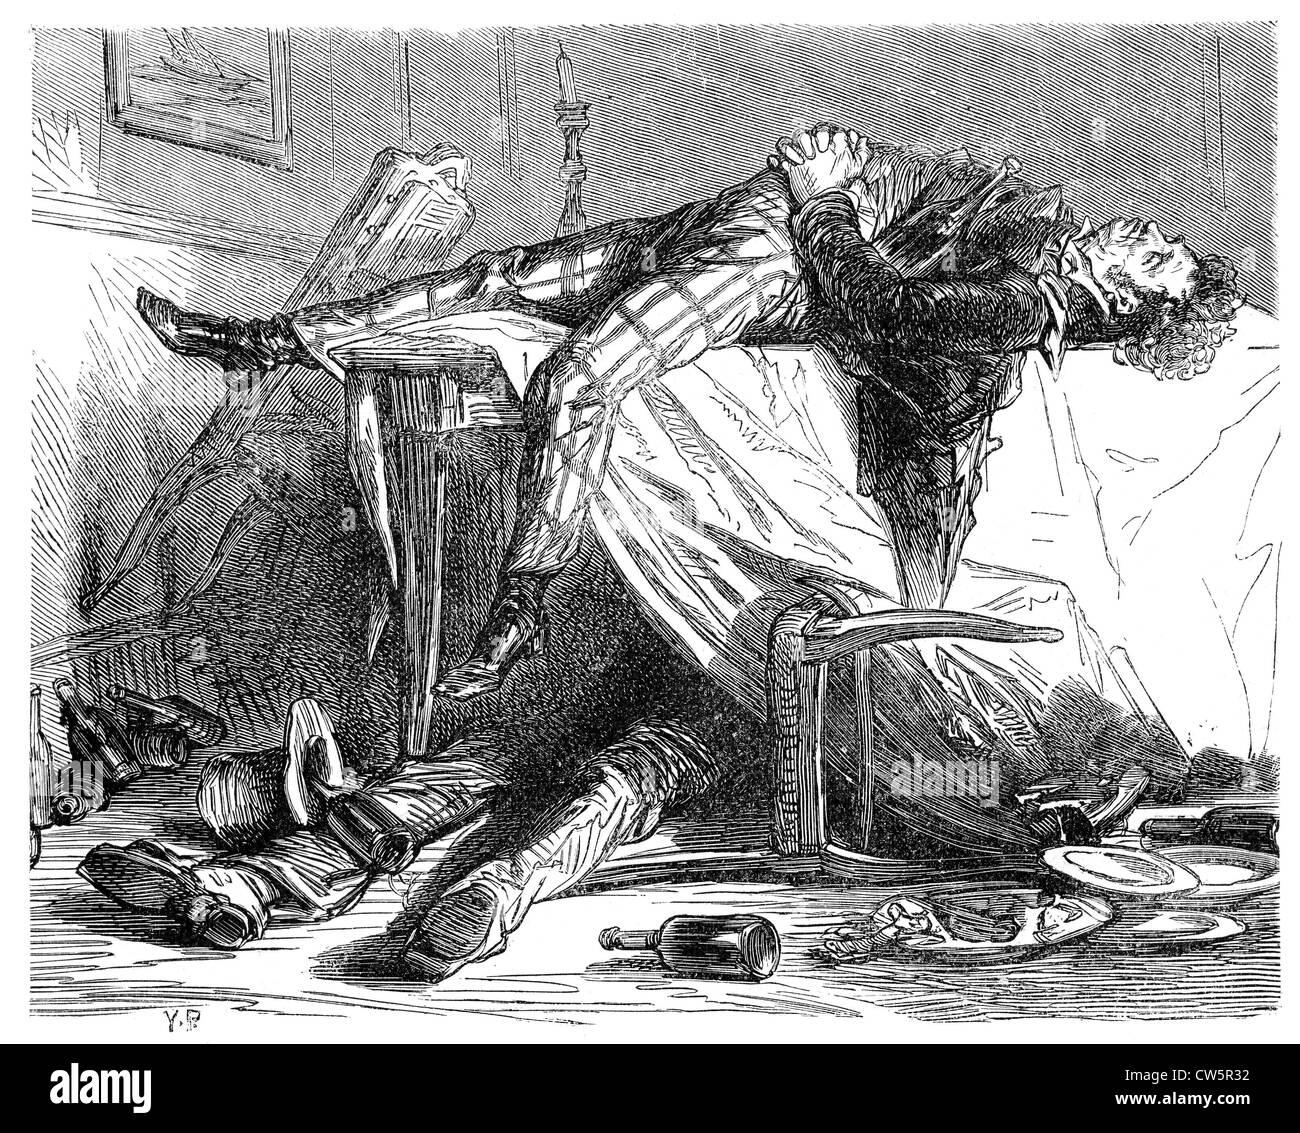 Dumas, 'Les bord du Rhin' - Stock Image